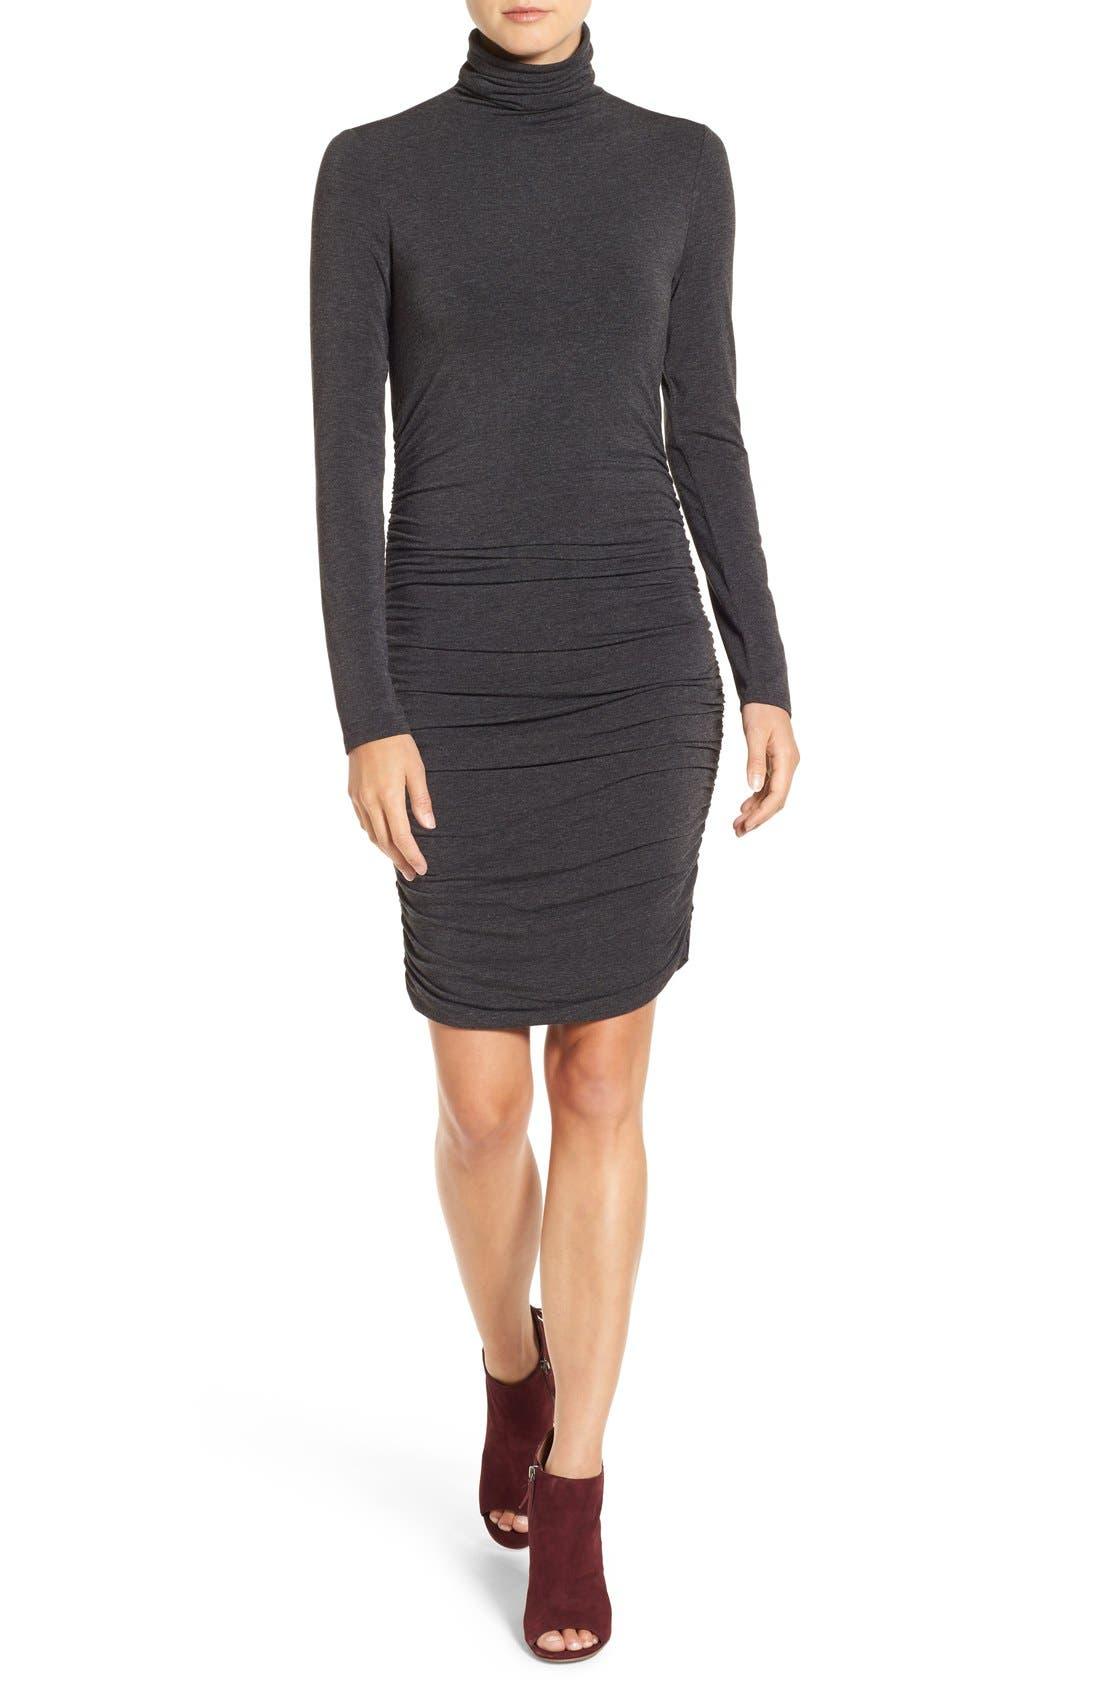 Main Image - Halogen® Side Ruched Turtleneck Dress